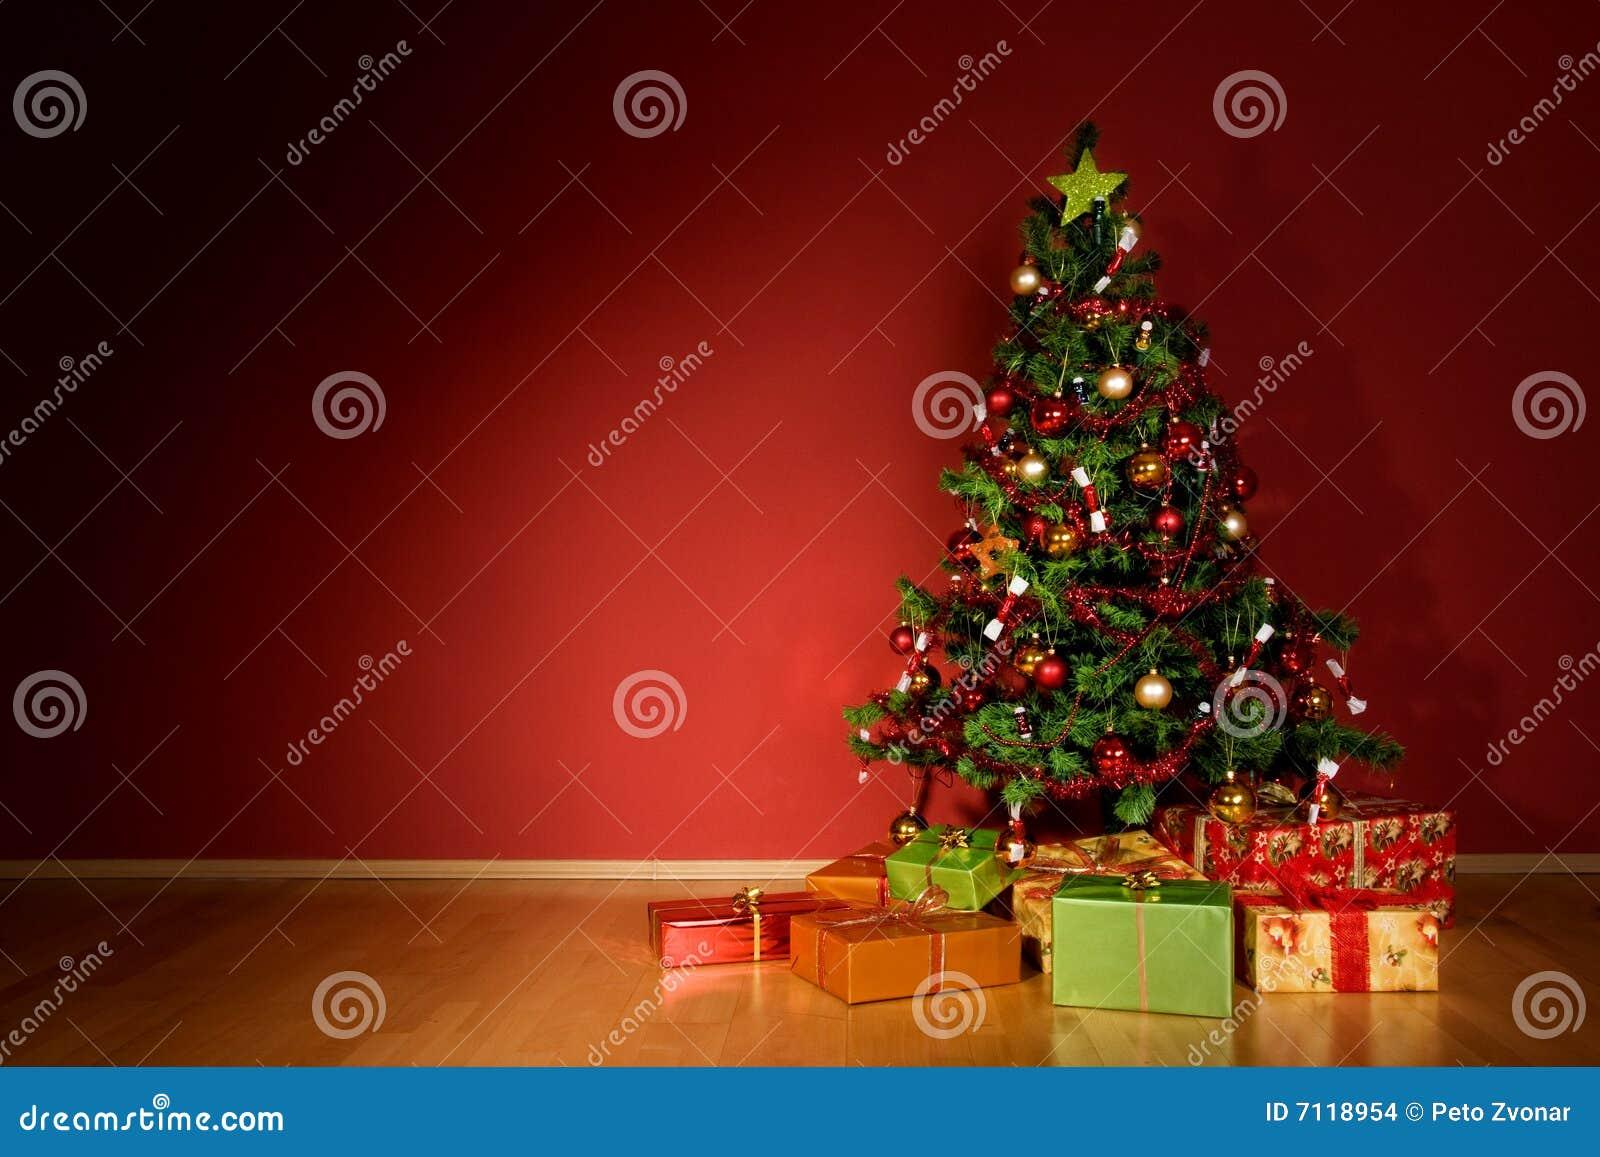 Rbol de navidad con los regalos de la navidad en sitio rojo - Arbol de navidad con regalos ...